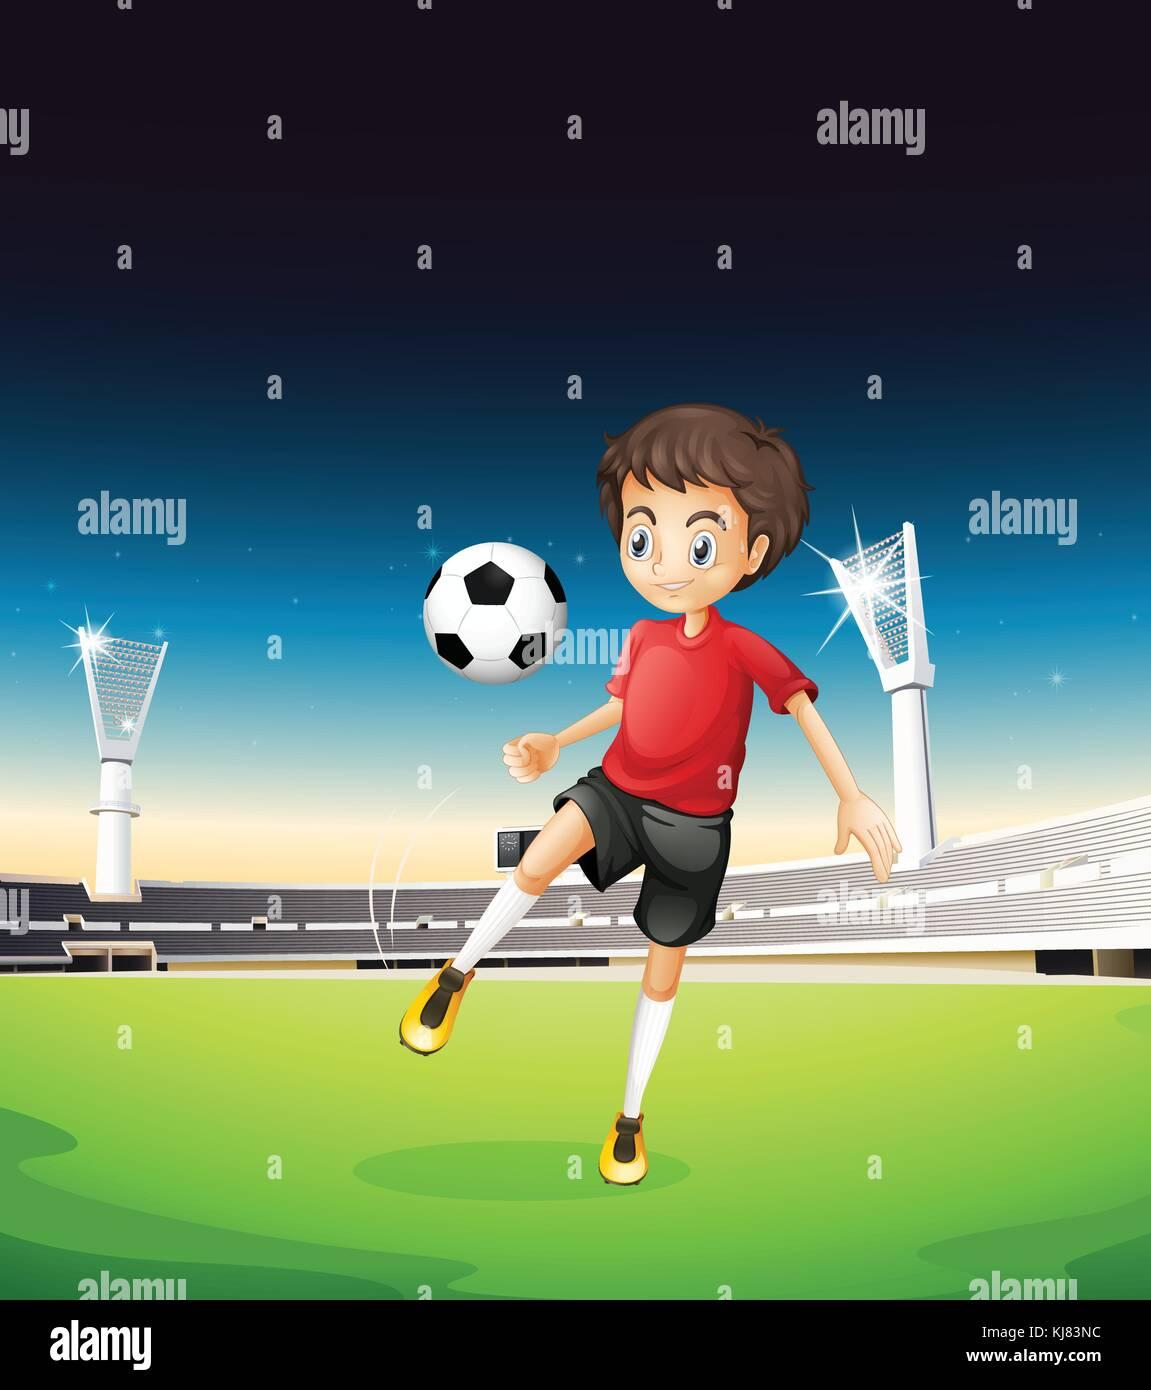 Ilustracion De Un Nino Jugando Futbol Solos Ilustracion Del Vector